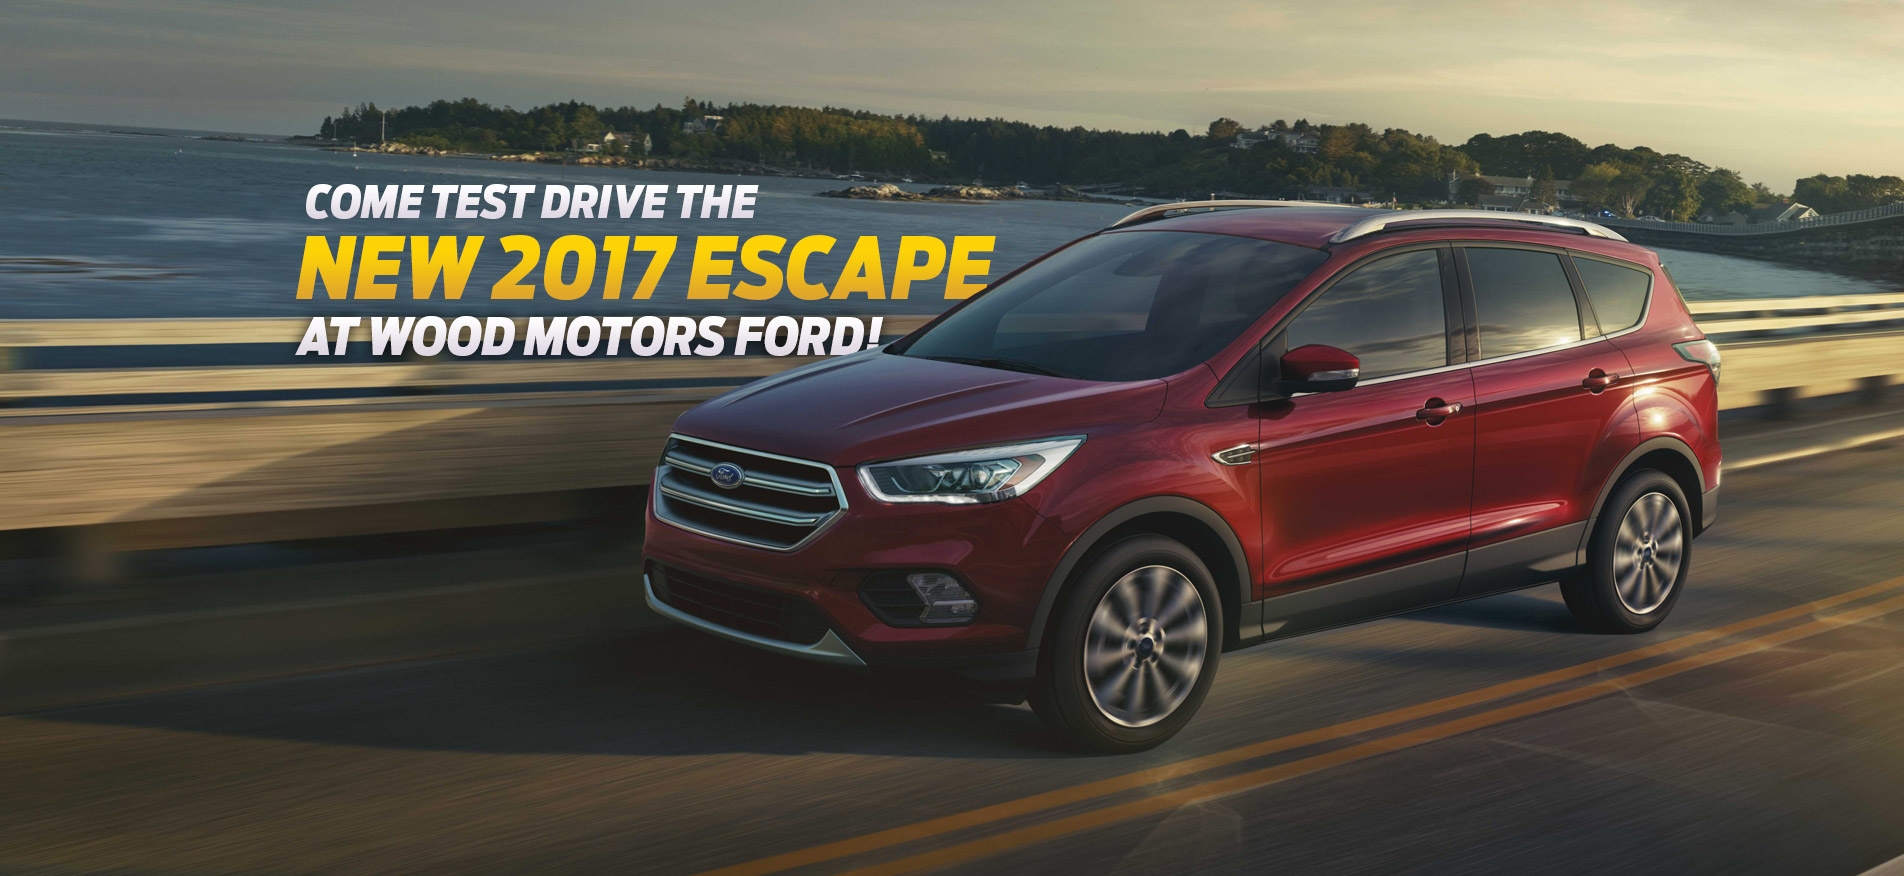 Wood Motors Ford 2017 Escape